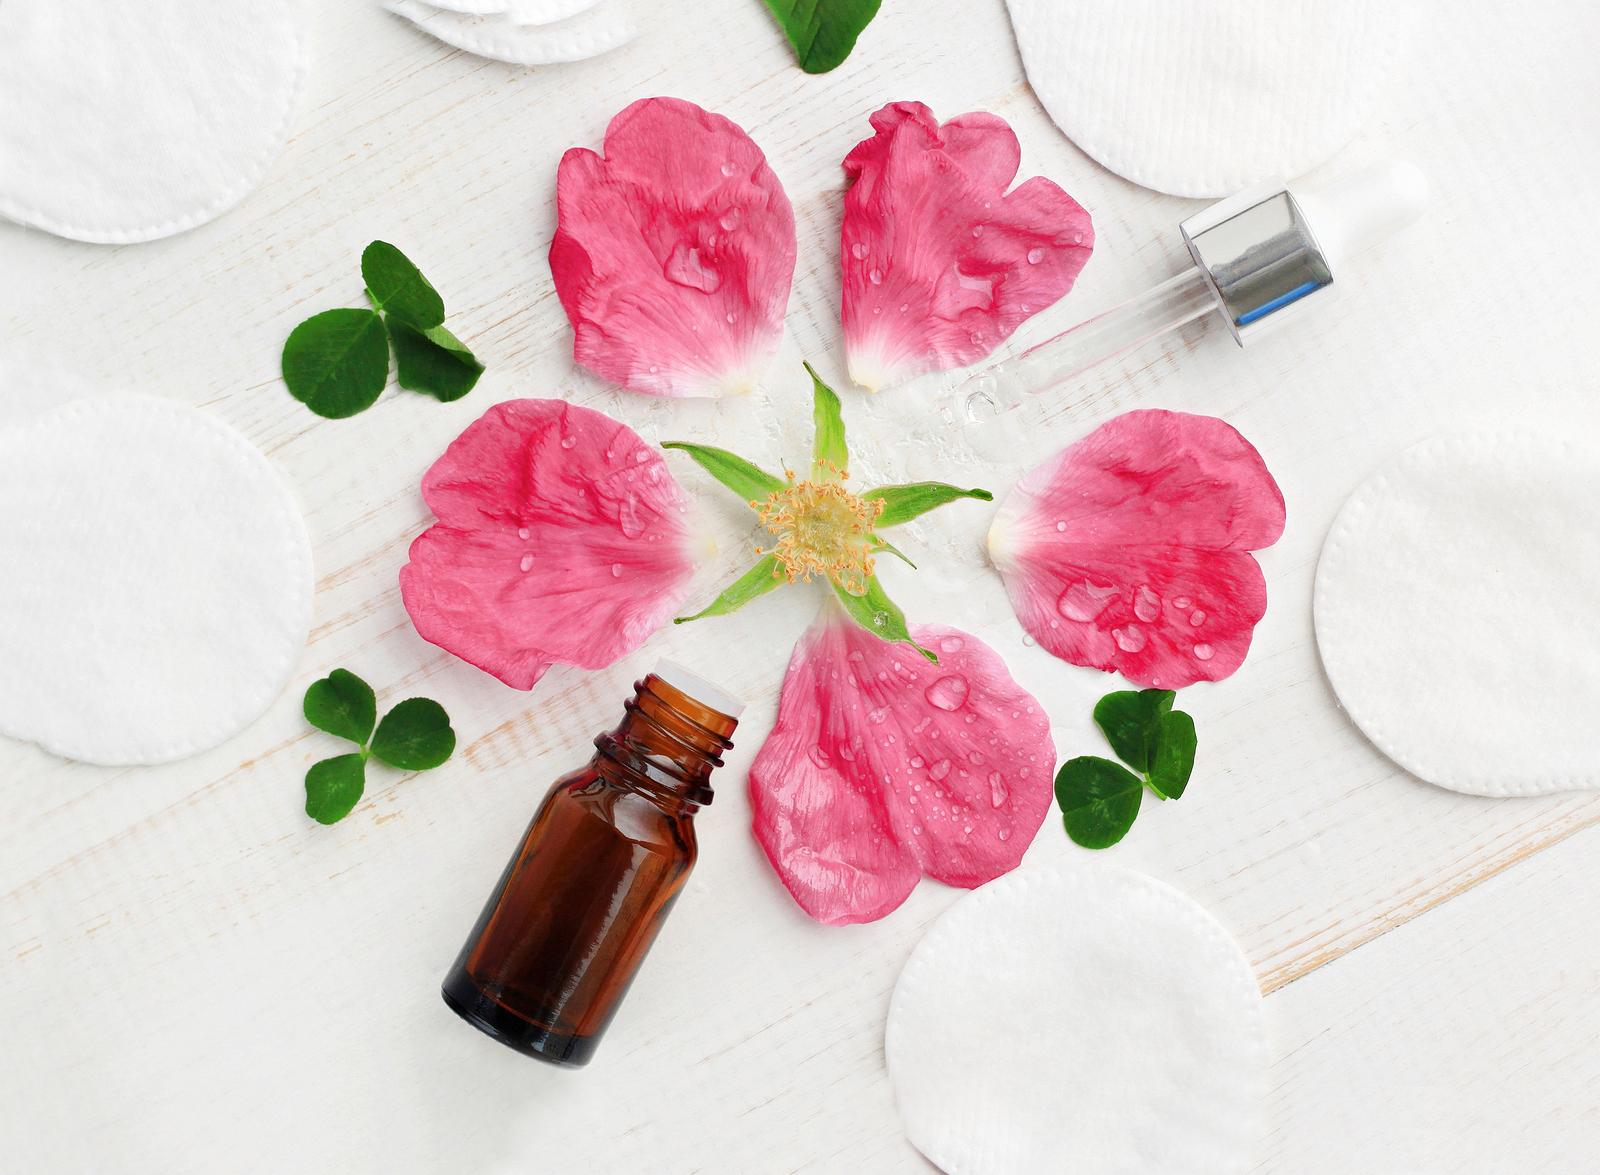 Sana tus emociones con aromaterapia